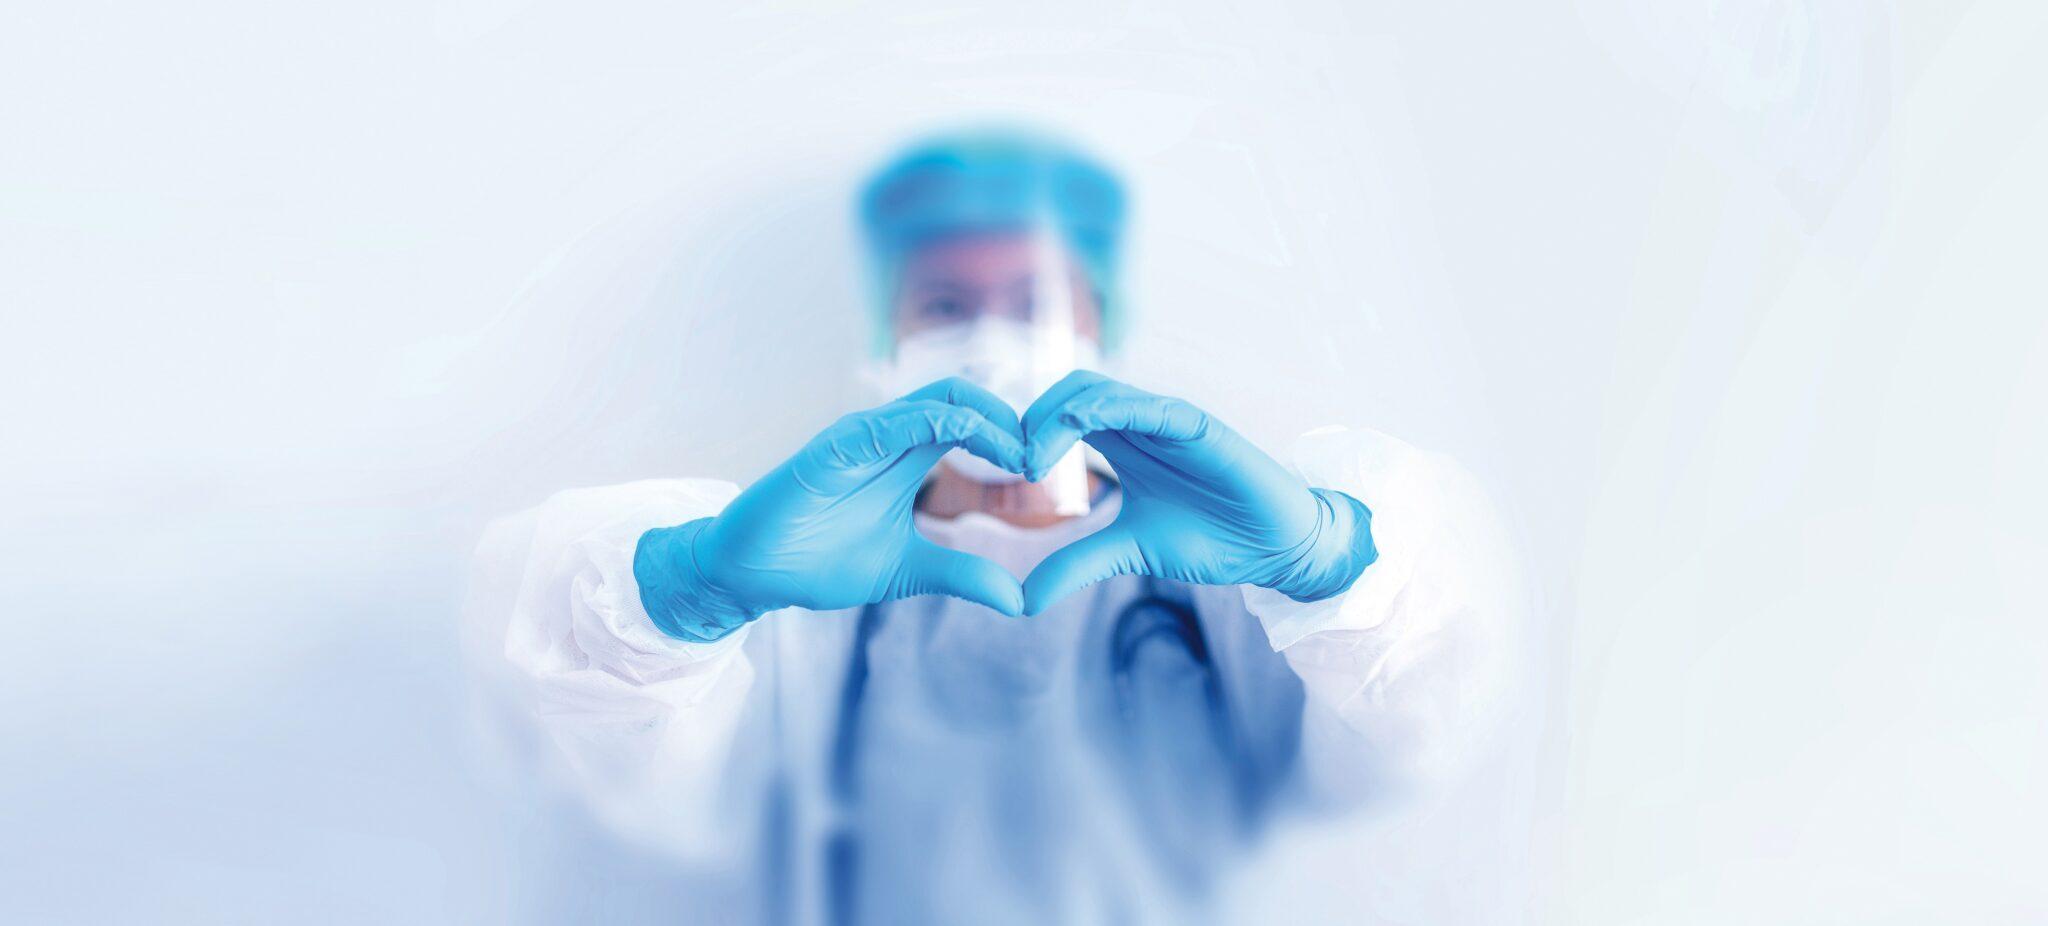 Oknoplast al fianco della Protezione Civile con una raccolta fondi per le famiglie degli operatori sanitari che hanno perso la vita nella lotta al Coronavirus